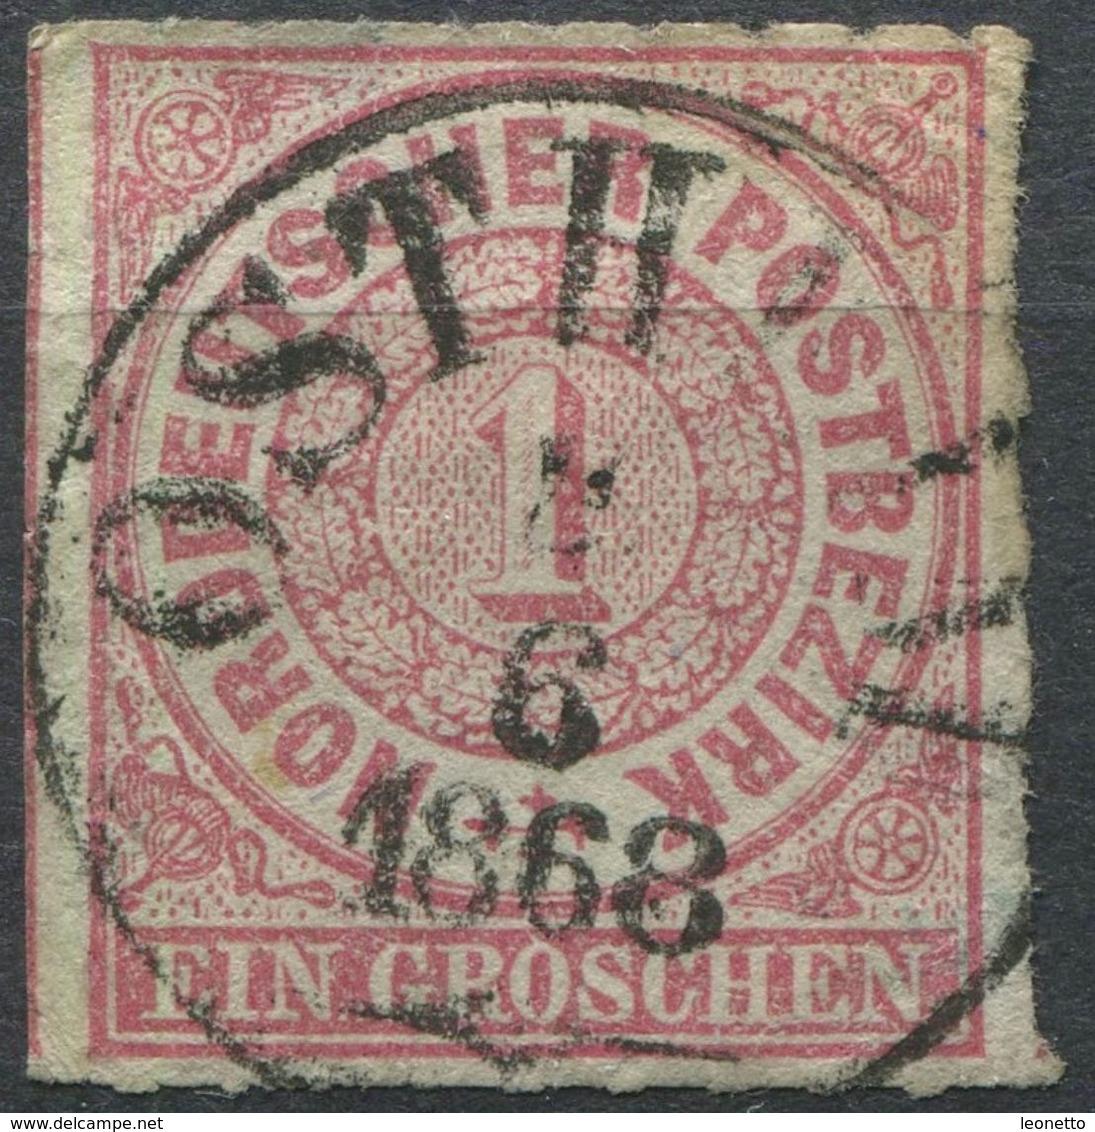 NDP 1 Gr Freimarke Michel 4 Gestempelt, K1 OSTH..., Bedarfserhaltung (1-428) - Norddeutscher Postbezirk